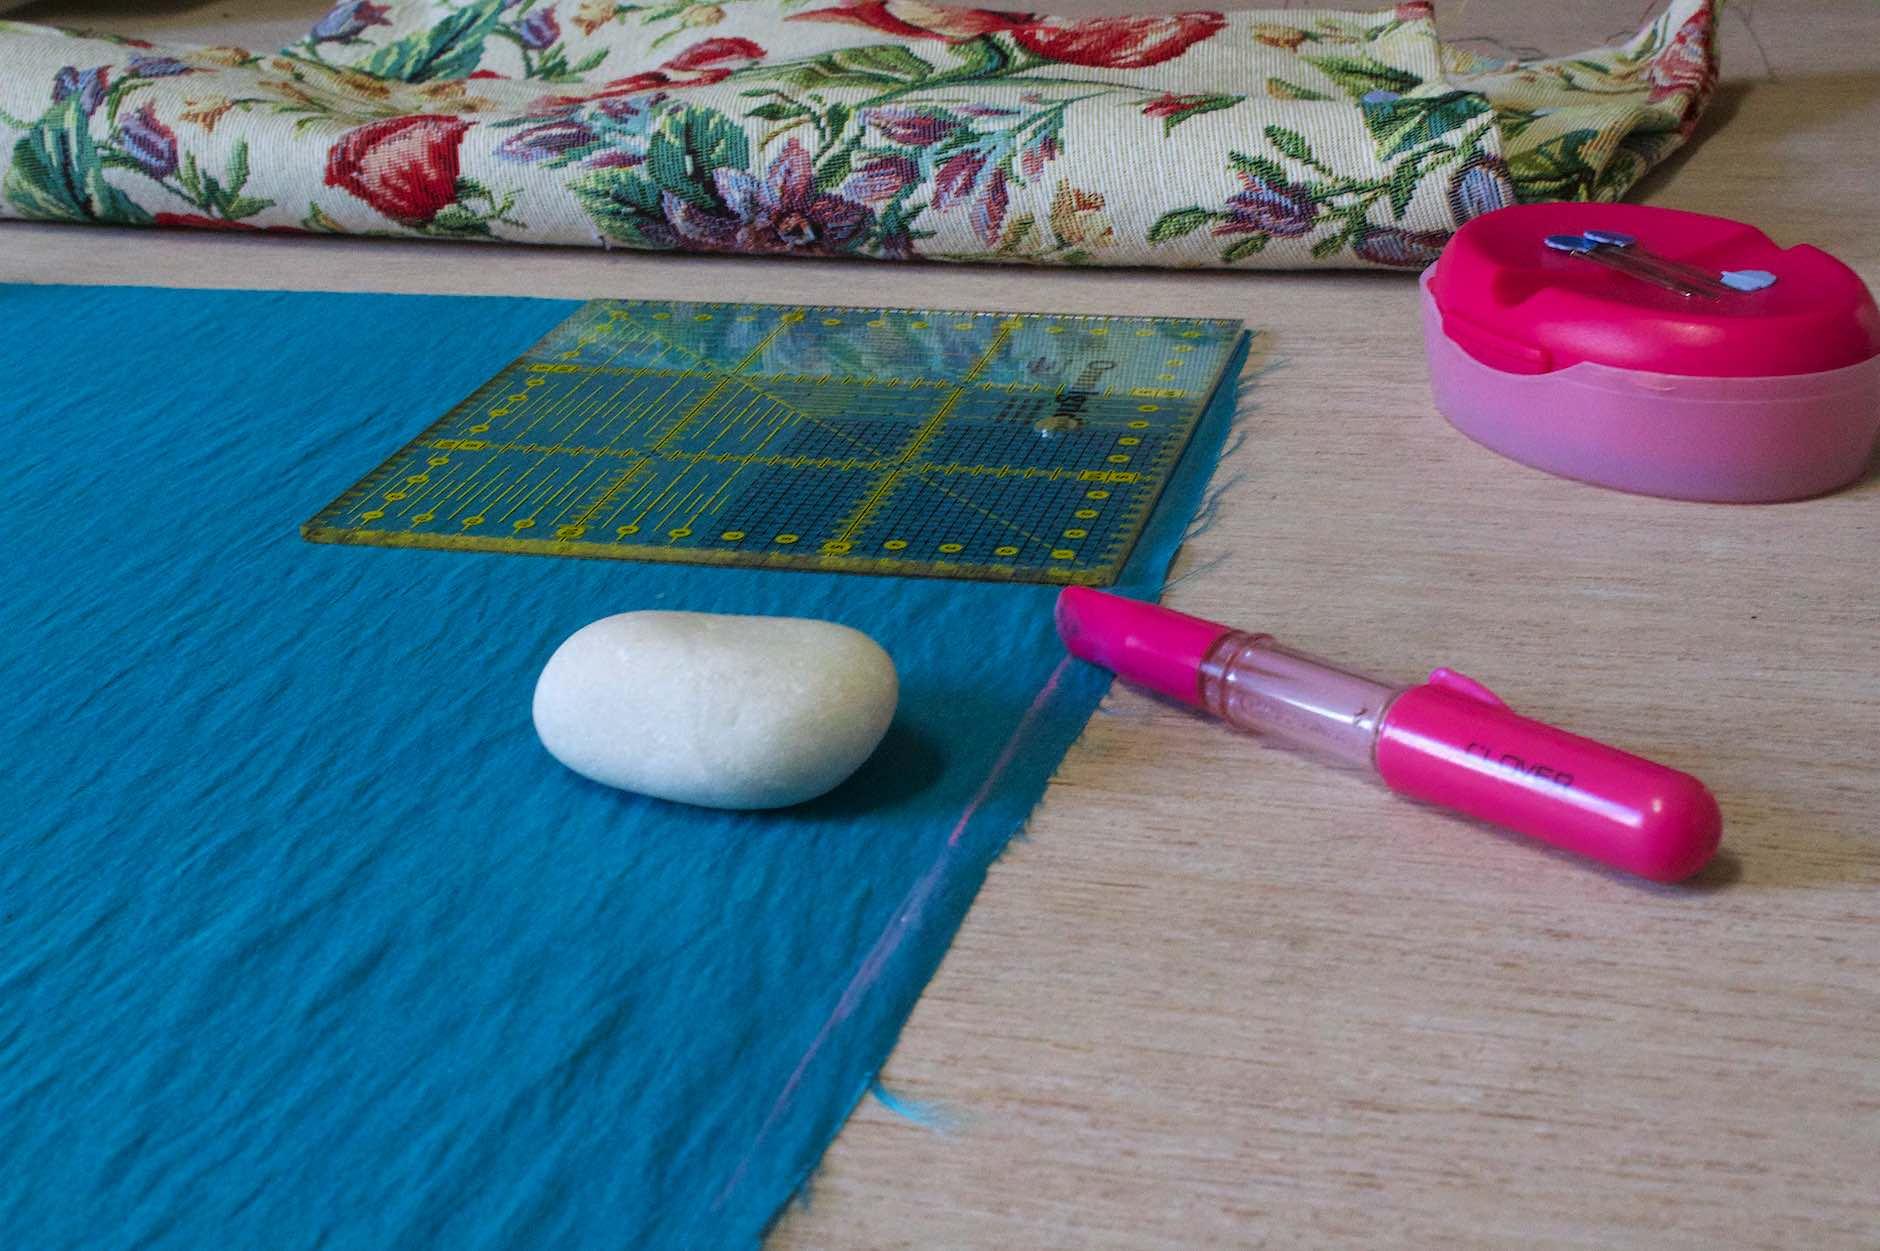 I sassi raccolti durante le vacanze estive aiutano a stabilizzare i tessuti